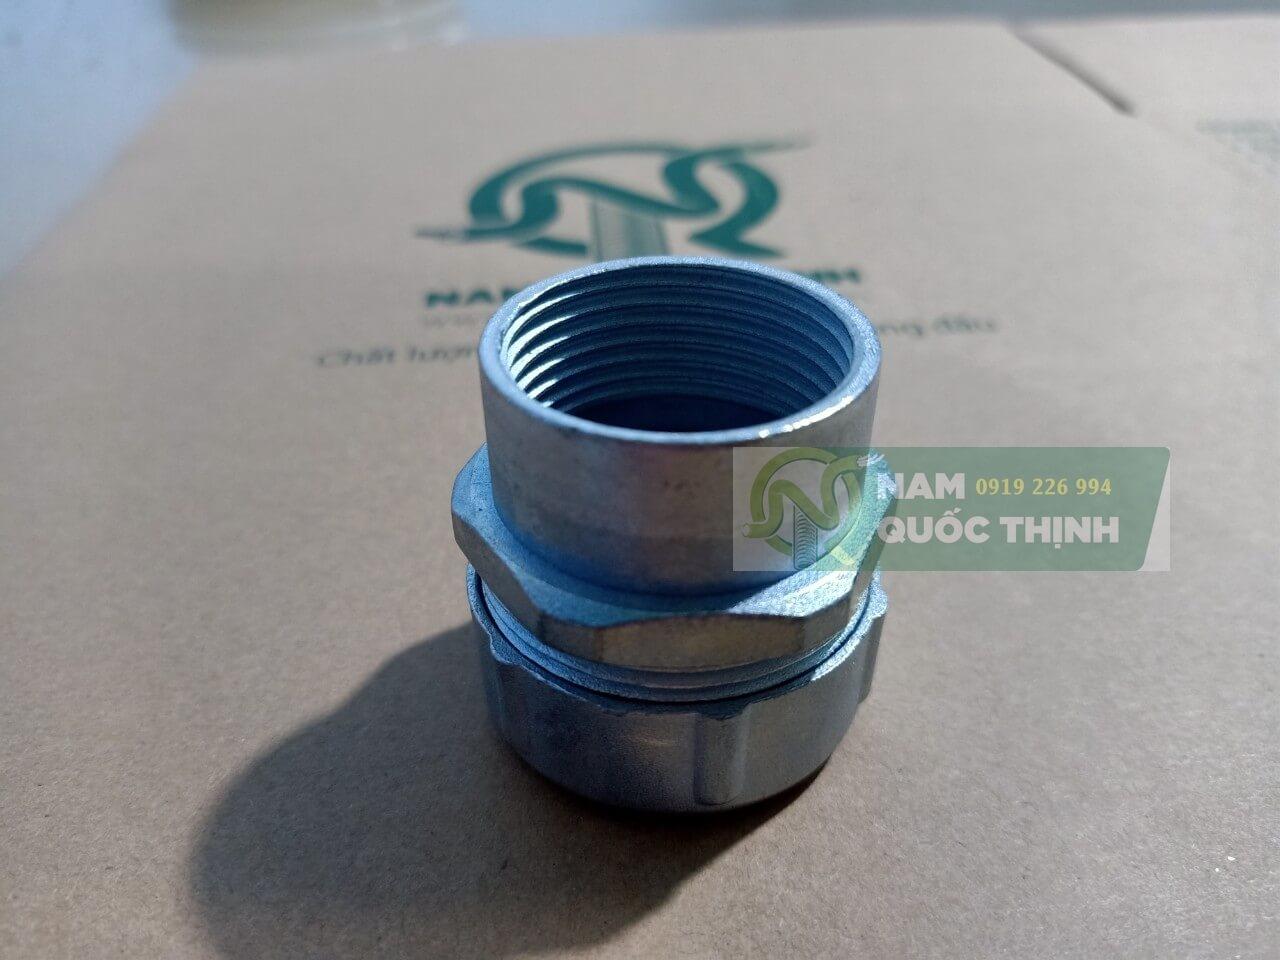 Đầu nối ống thép imc với ống ruột gà lõi thép bọc nhựa phi 25